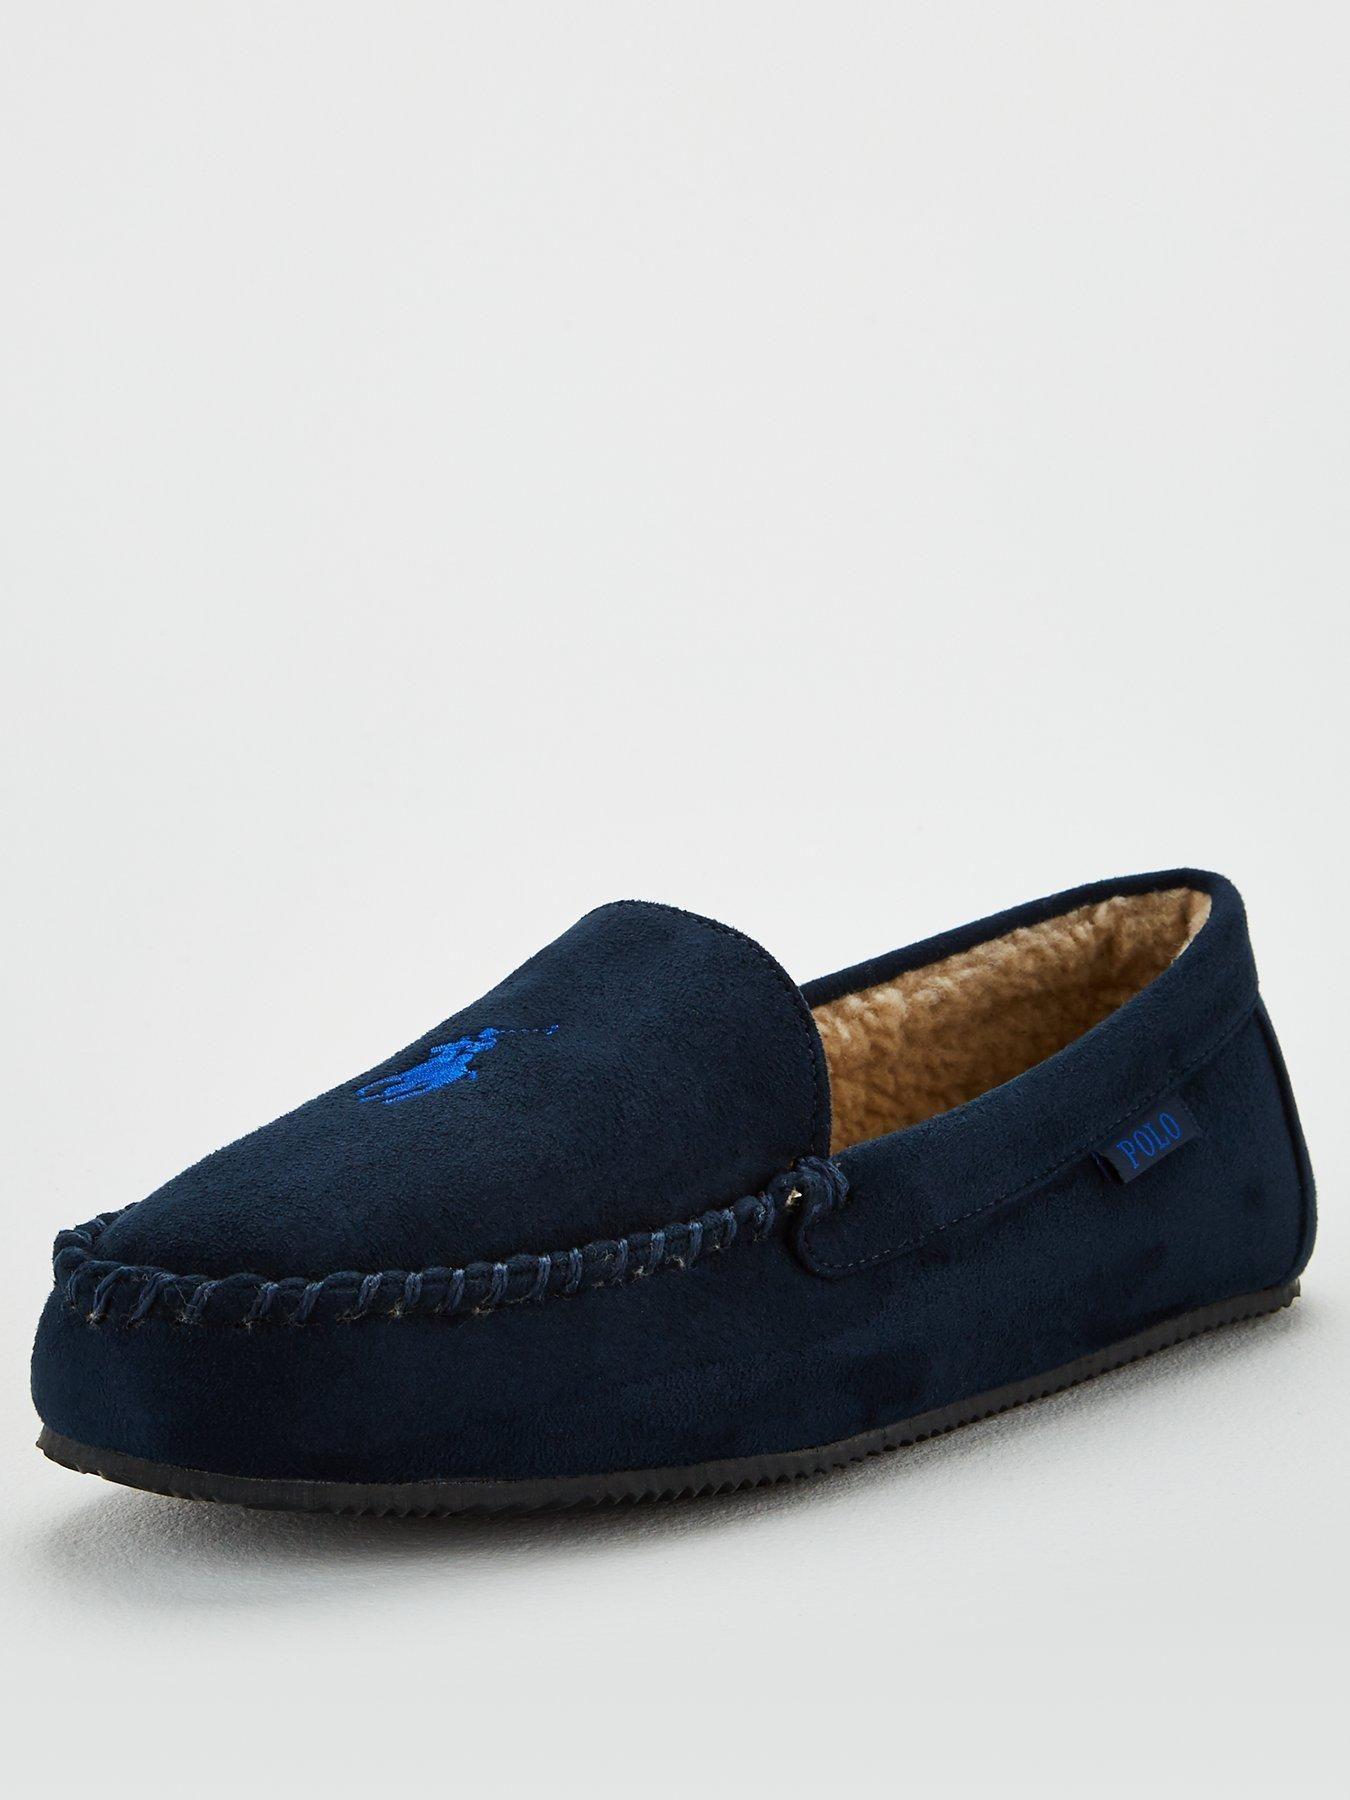 Dezi IV Moccasin Slippers - Navy in